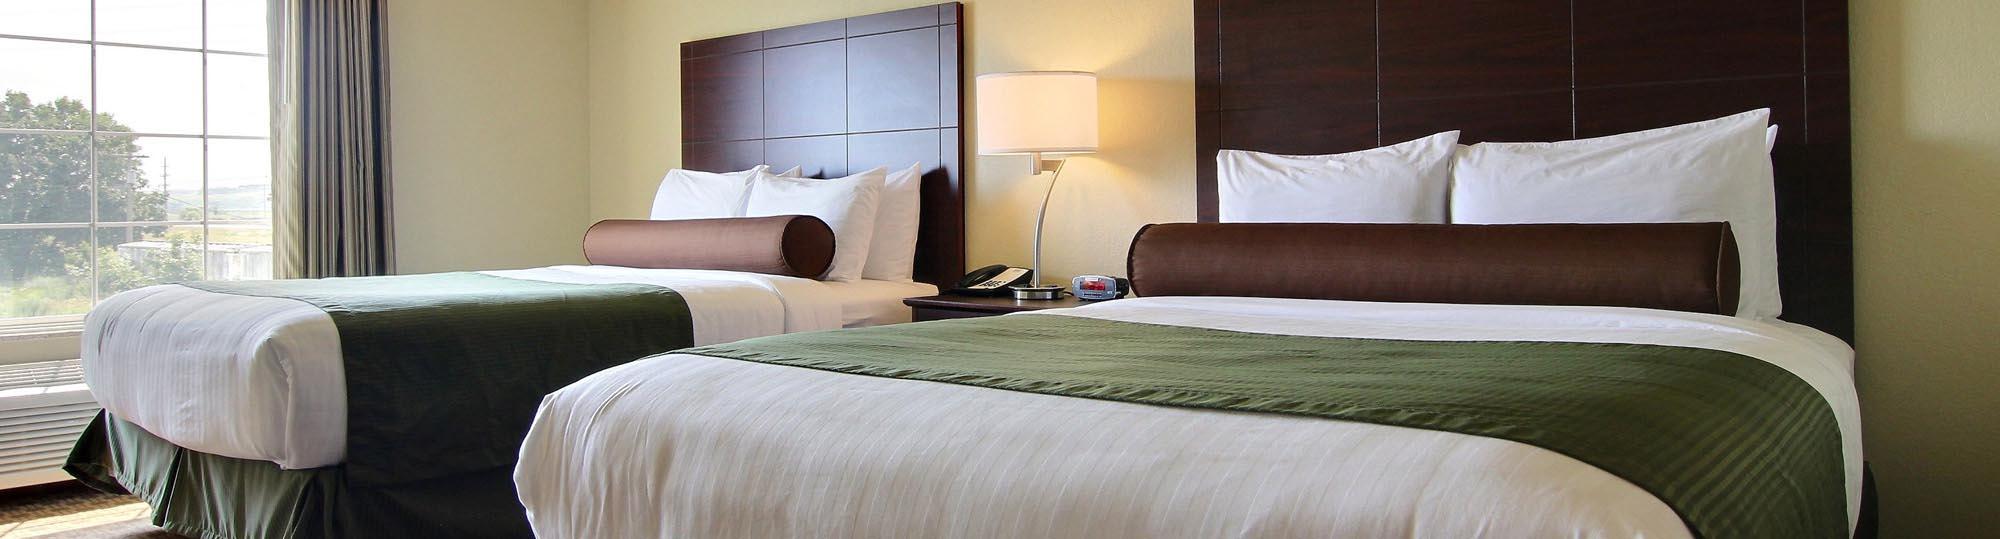 Cobblestone Inn & Suites Linton